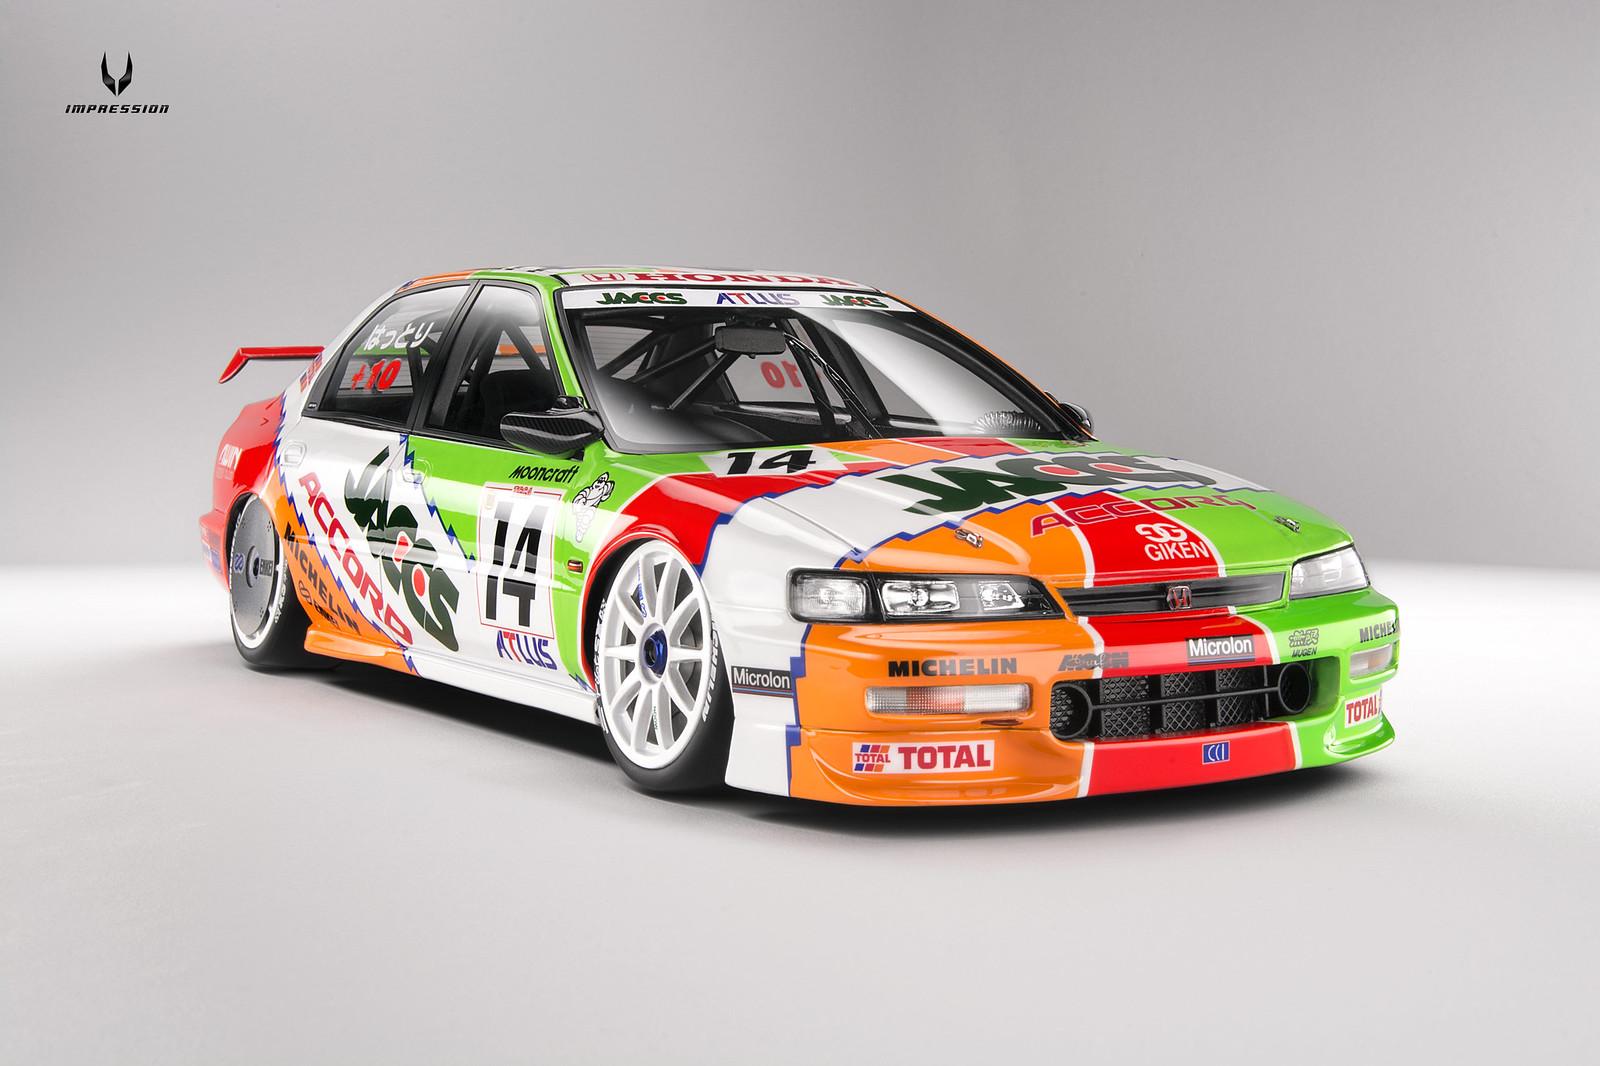 1 18 Honda Accord Jtcc 1996 14 Jaccs Inno Models Diecast